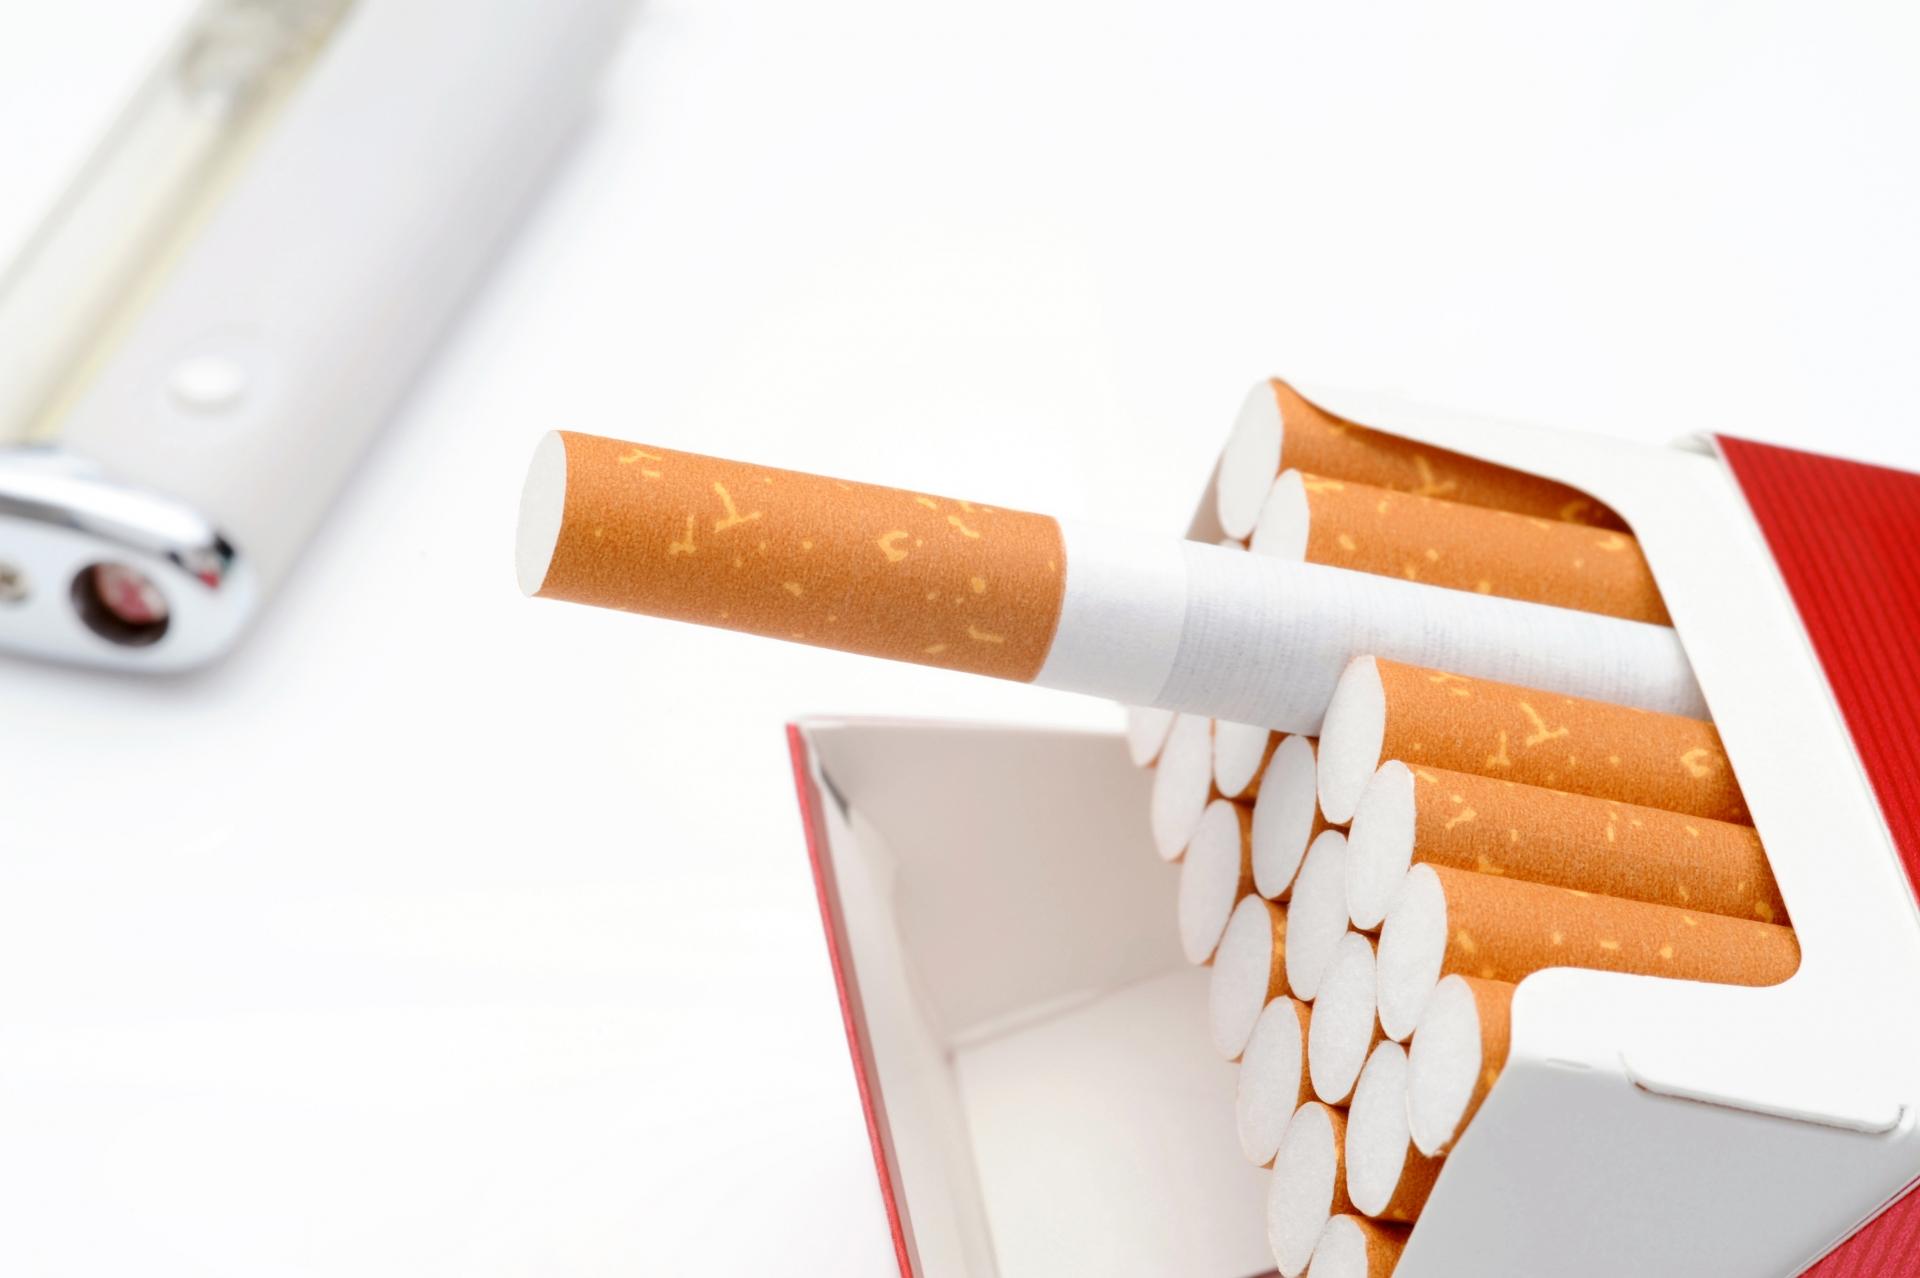 低身長の原因?「タバコを吸うと身長が伸びなくなる」のは本当か?